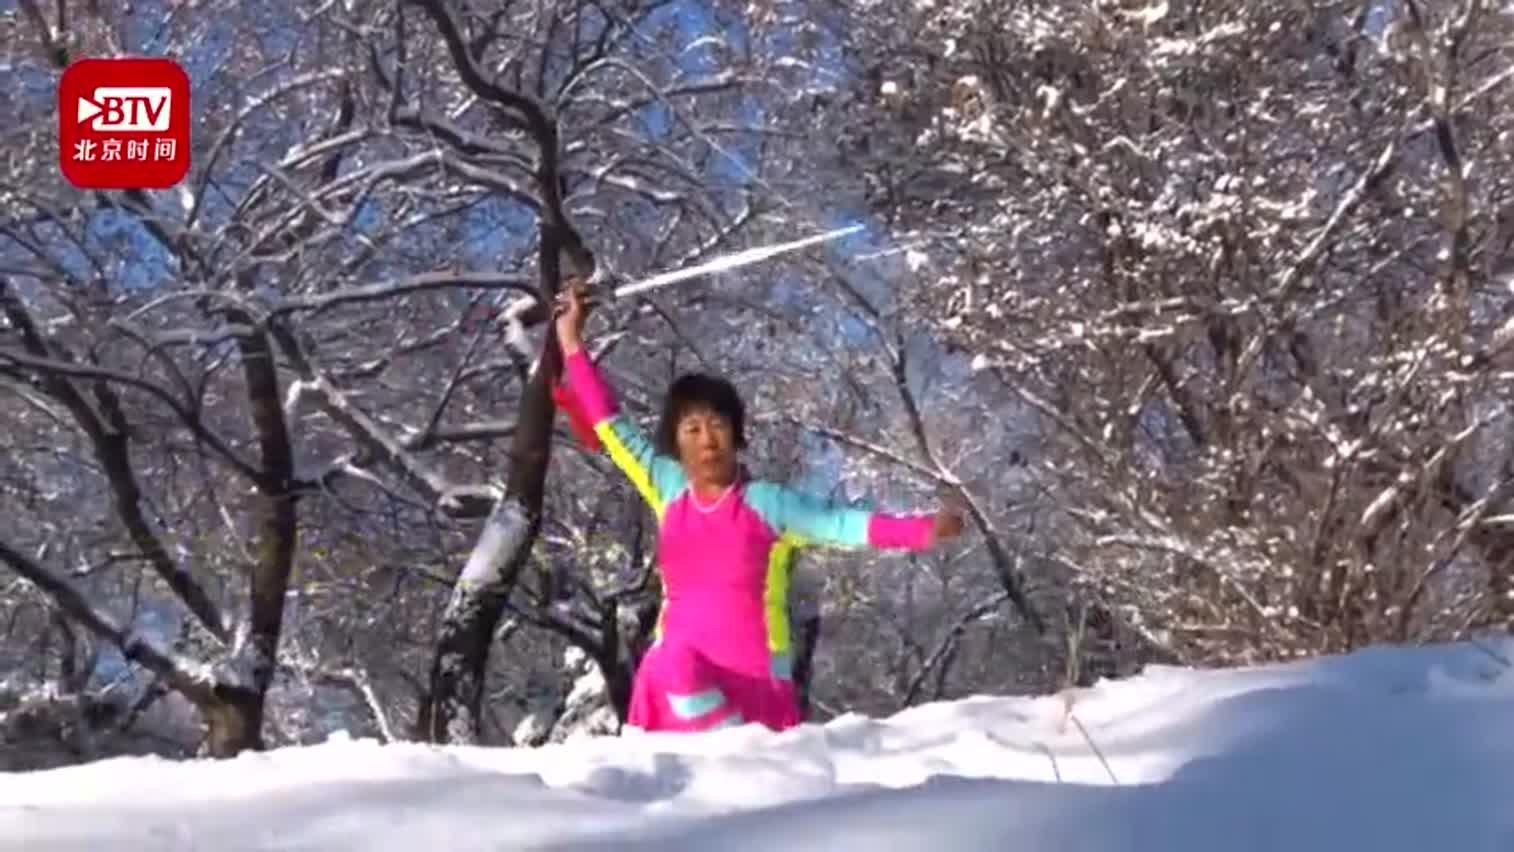 视频-东北大爷大妈穿泳装玩雪 惊呆路人:这些伙伴